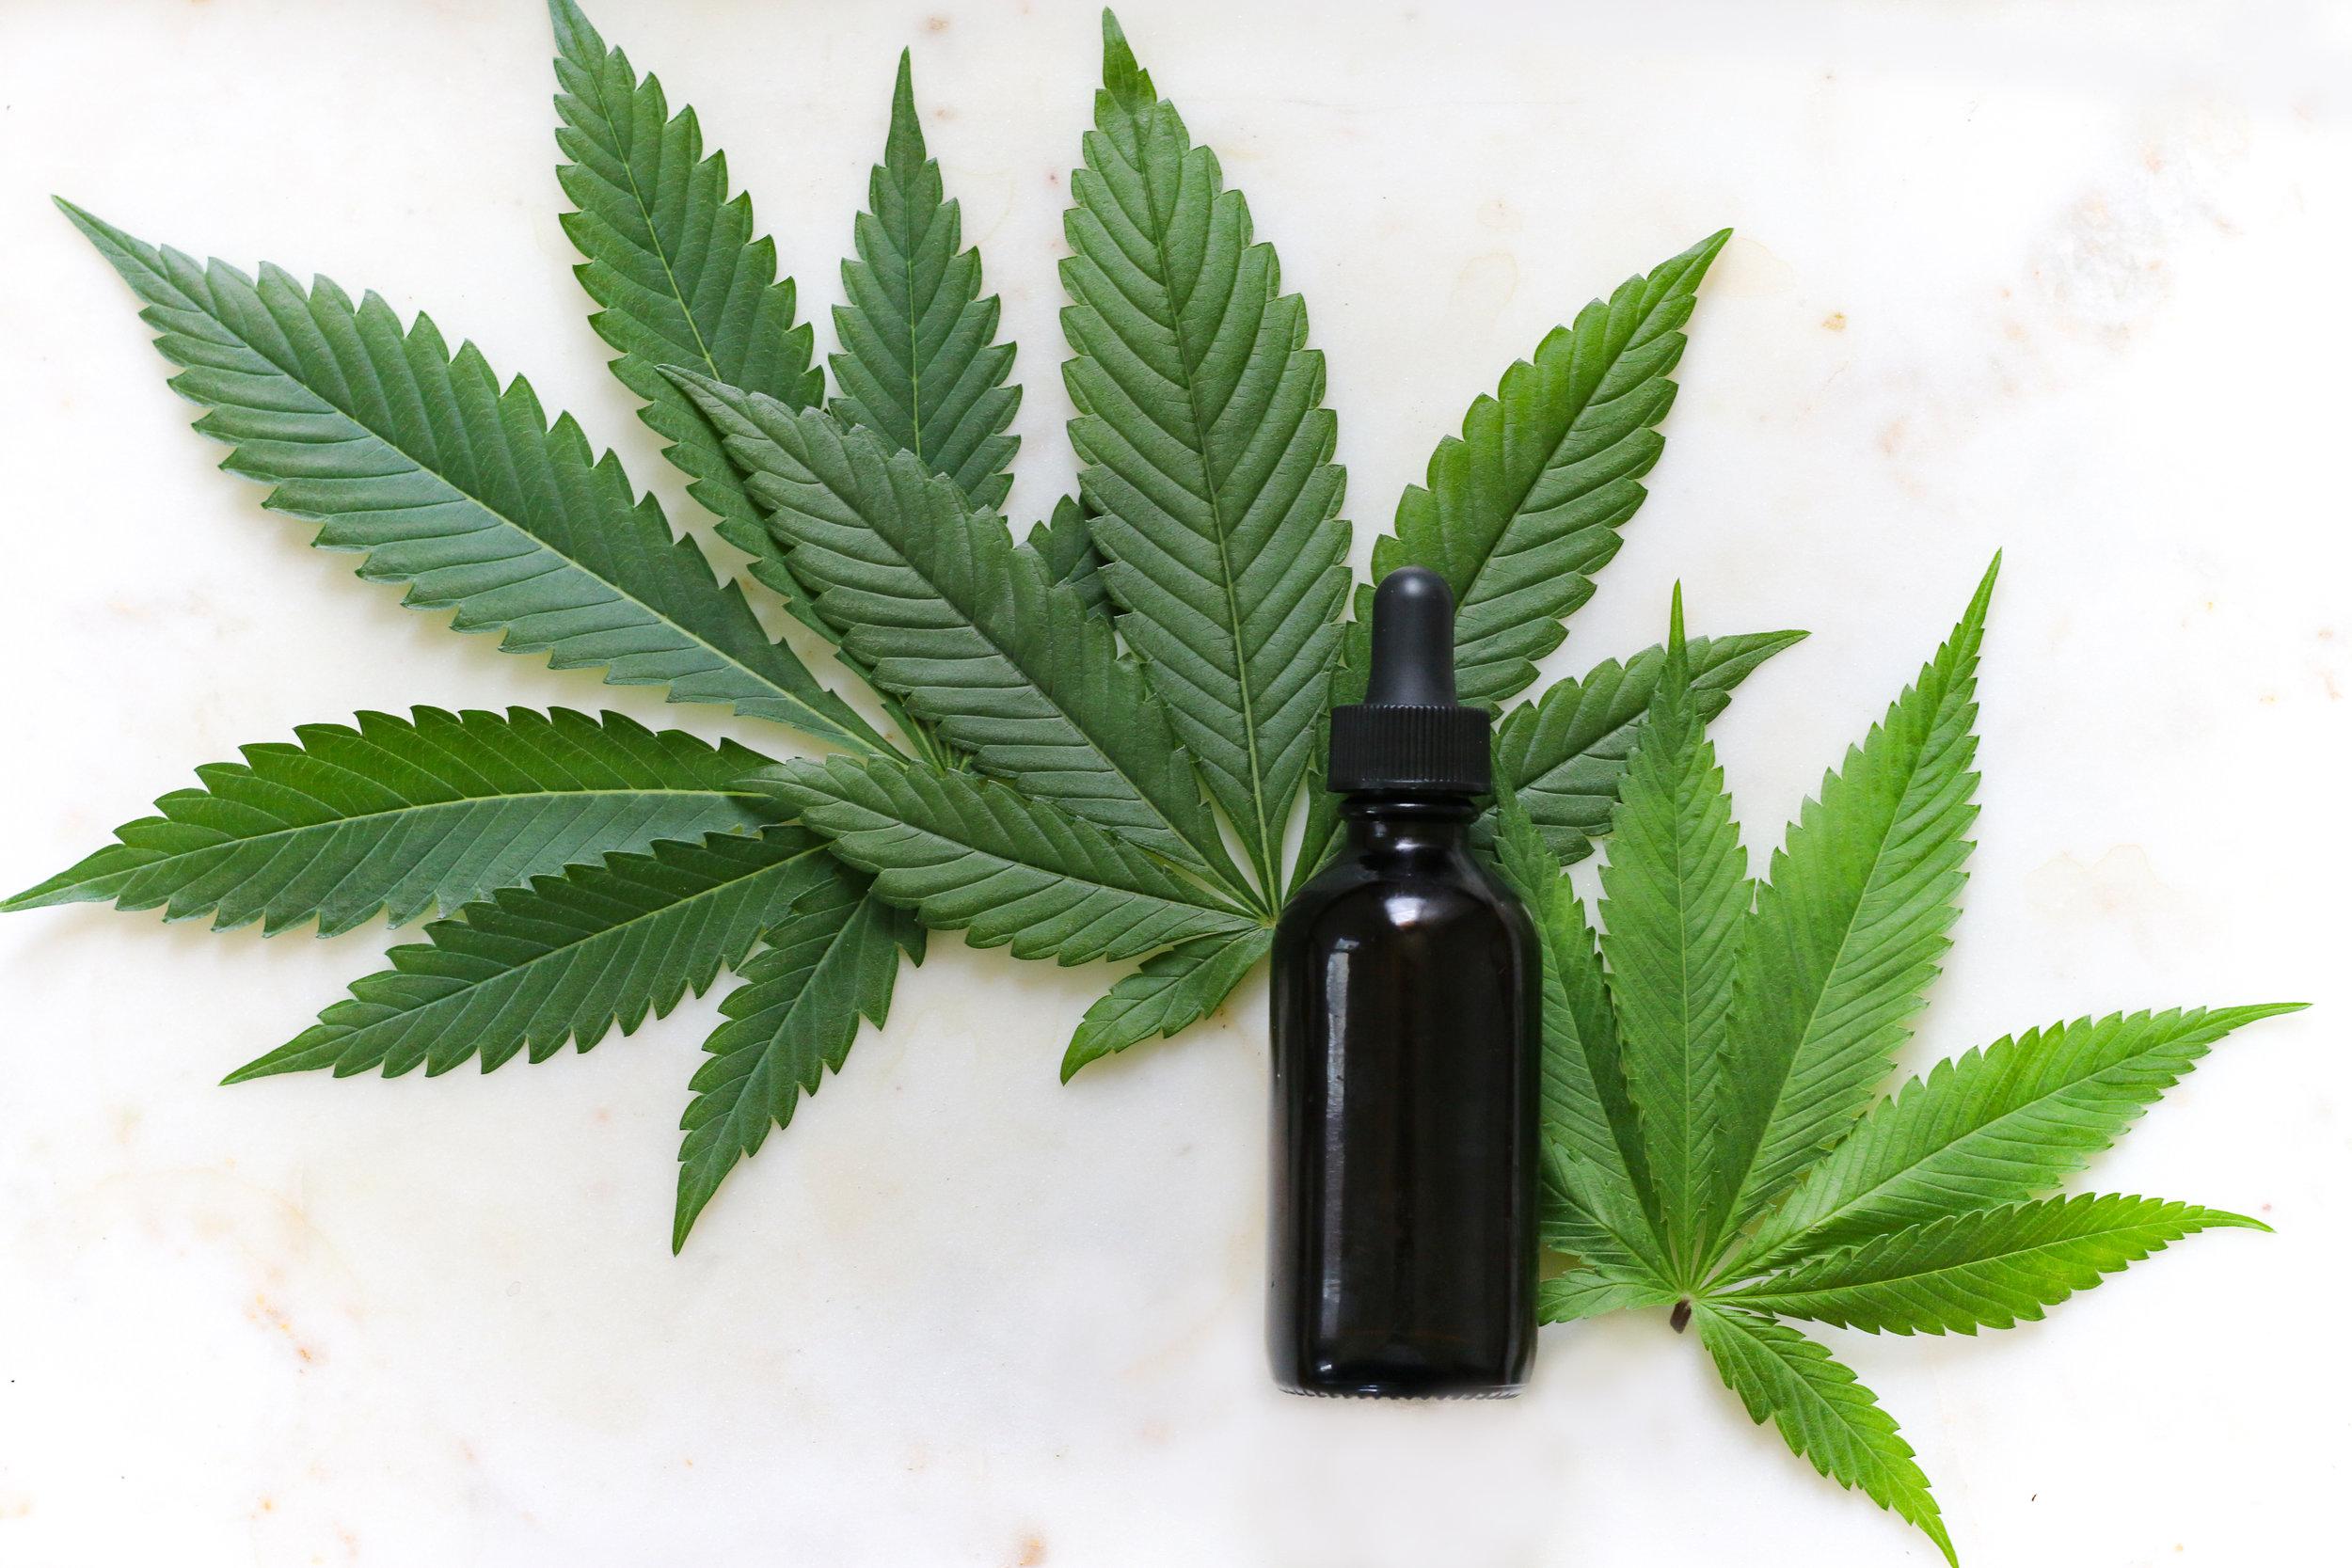 Marijuana and CBD Oil